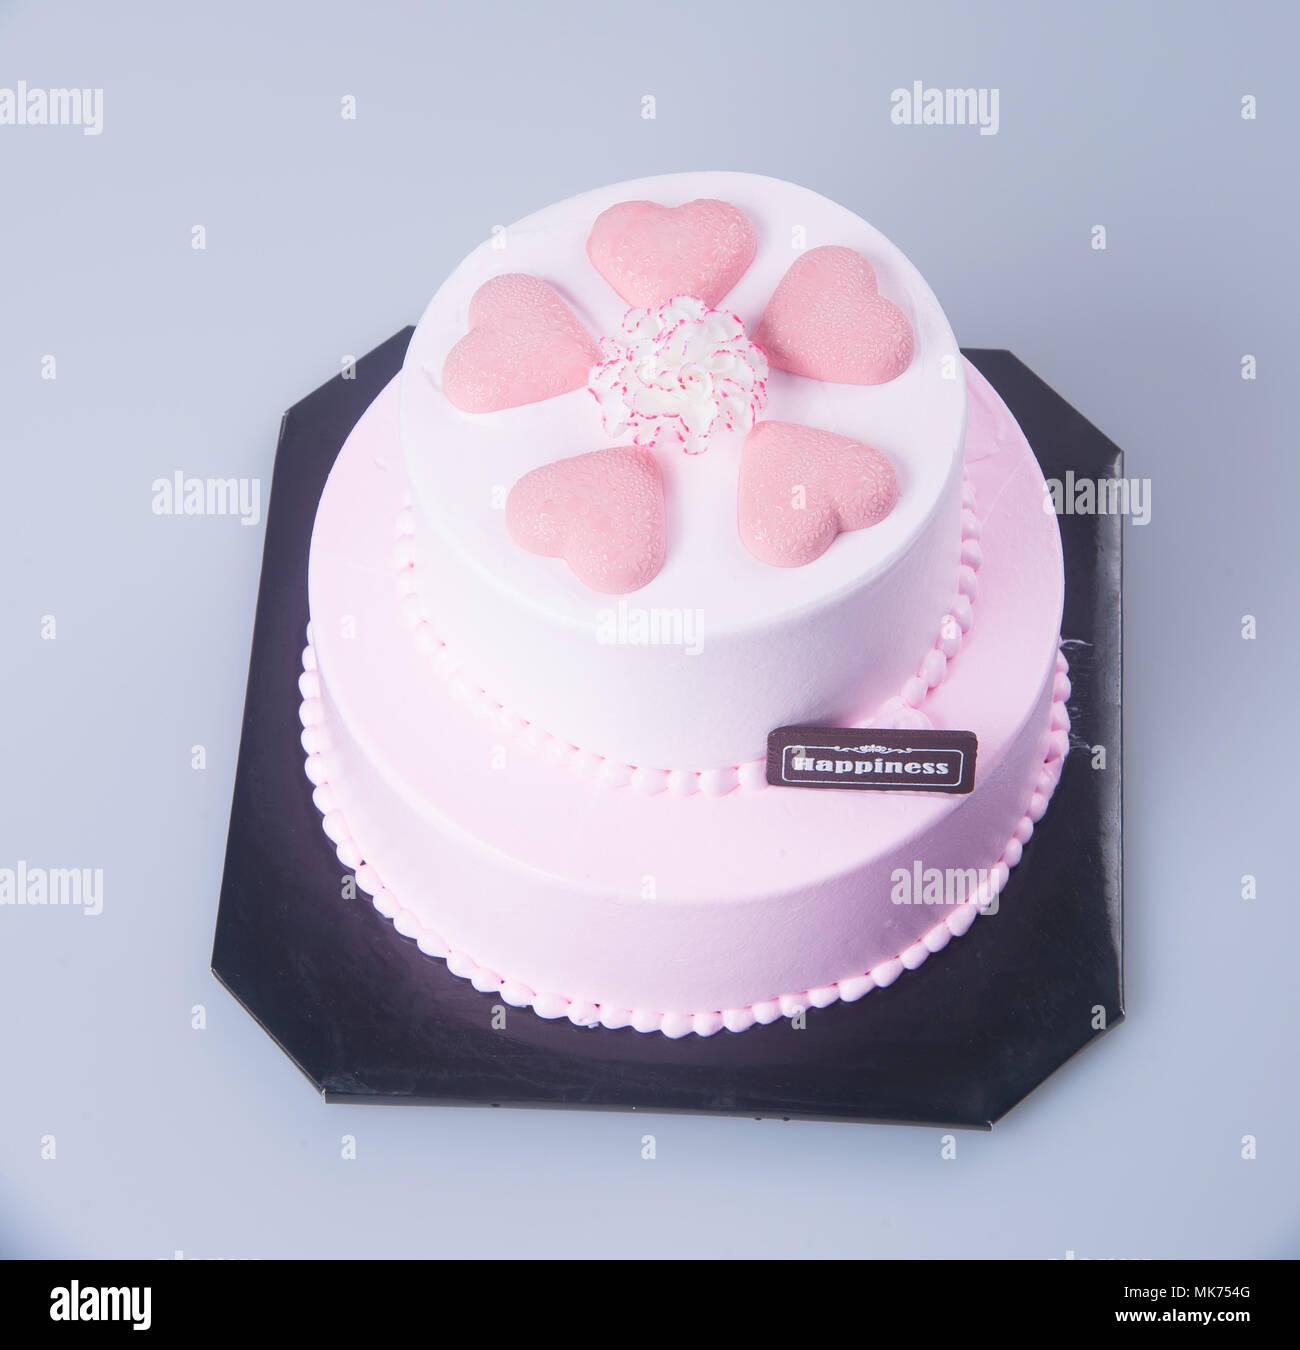 Kuchen Oder Muttertag Kuchen Auf Einem Hintergrund Stockfoto Bild